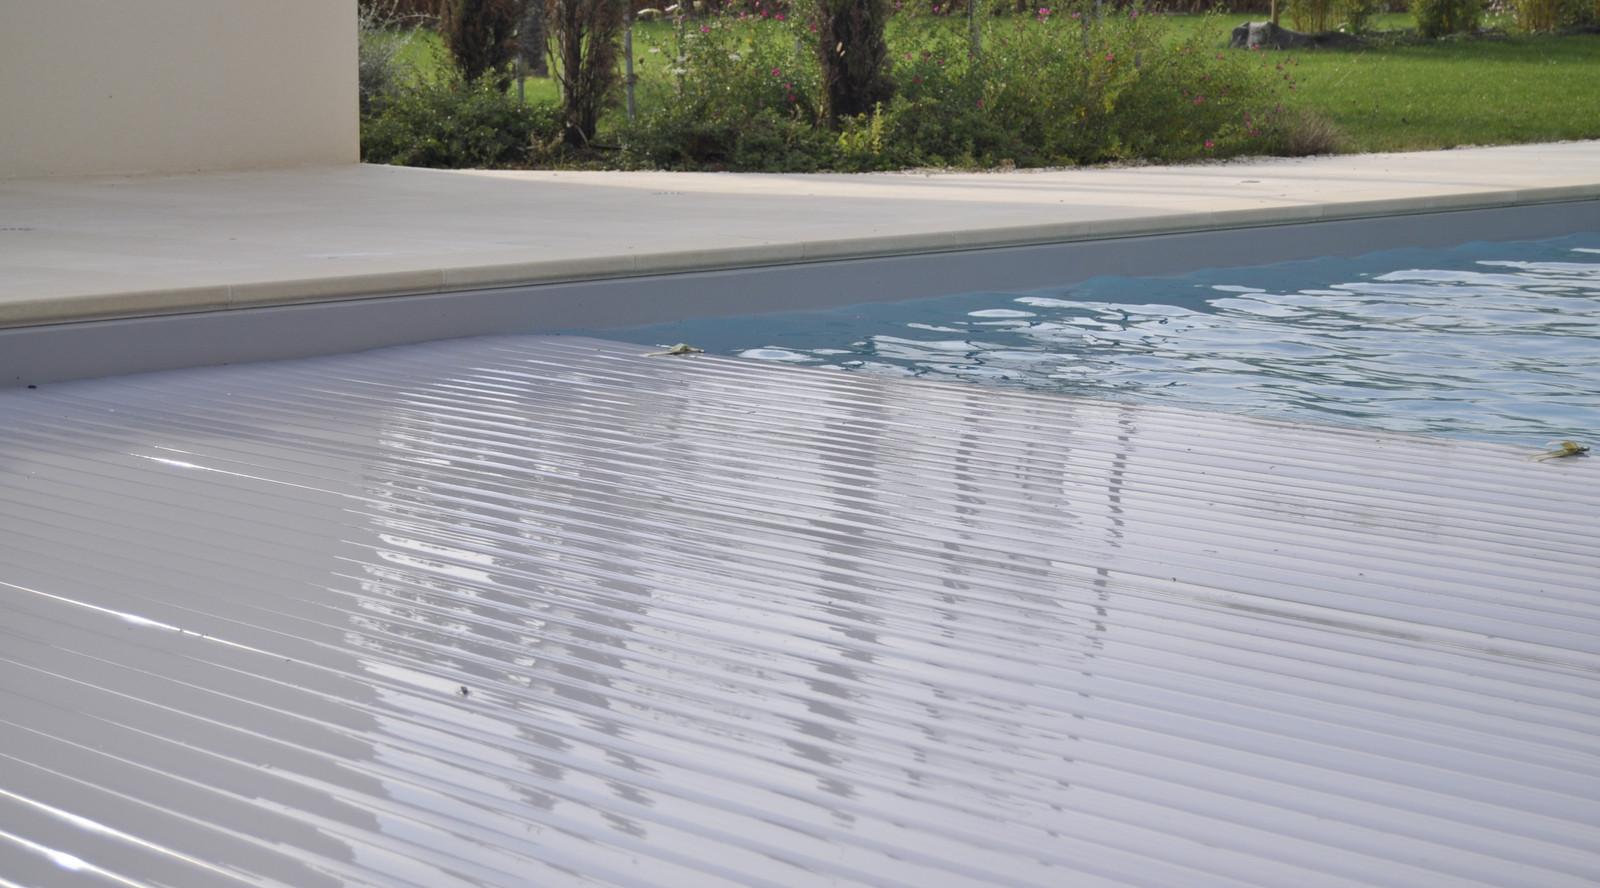 Rijol piscines rijol constructeur piscines jonzac - Volet roulant piscine gris ...